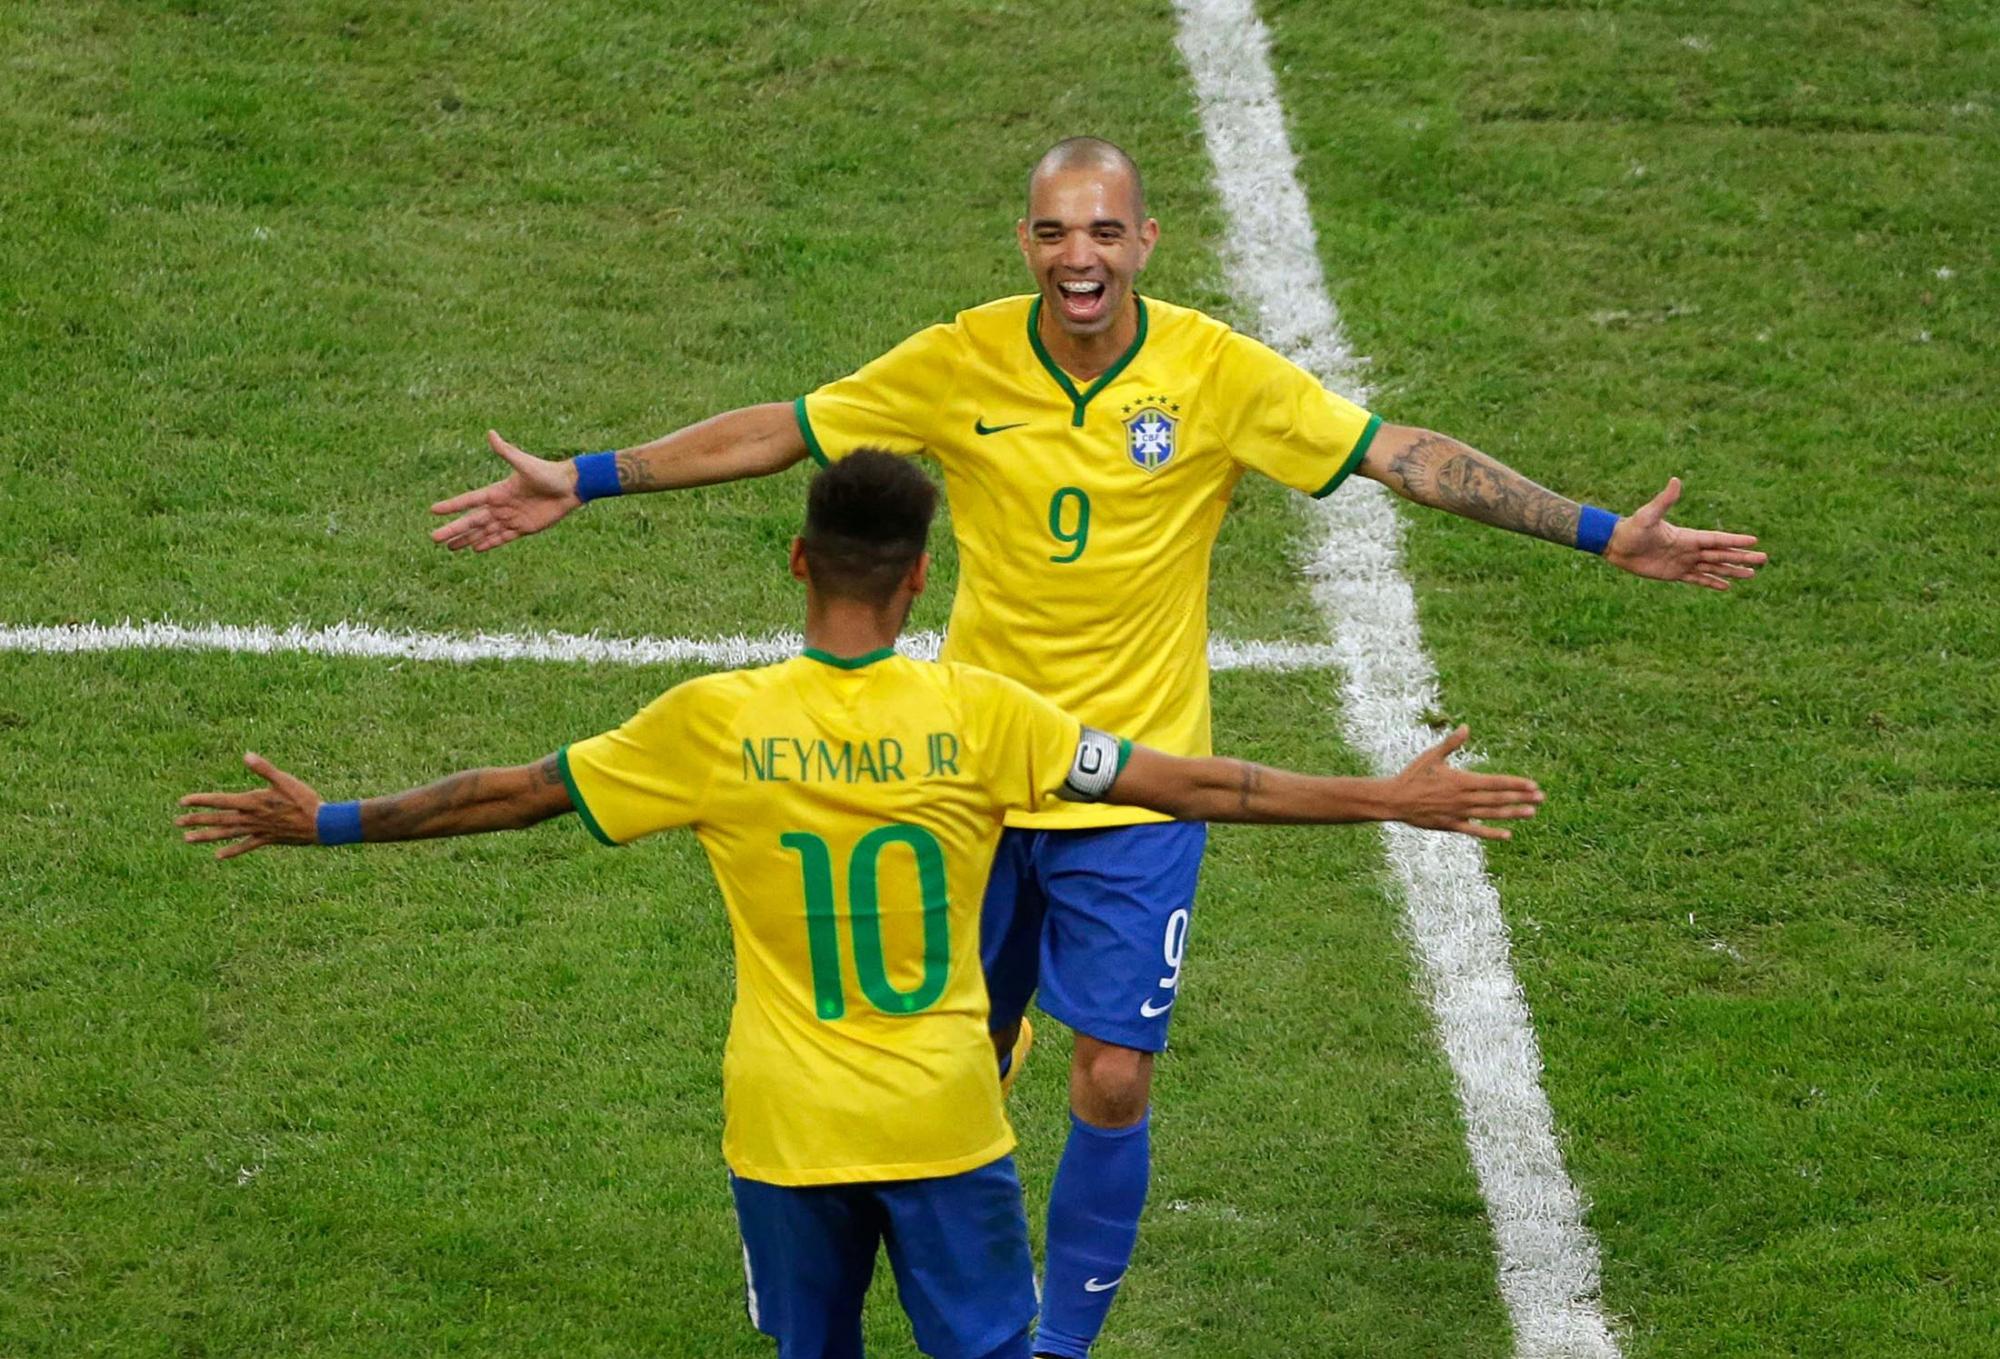 Неймар в бразилии 10 номер